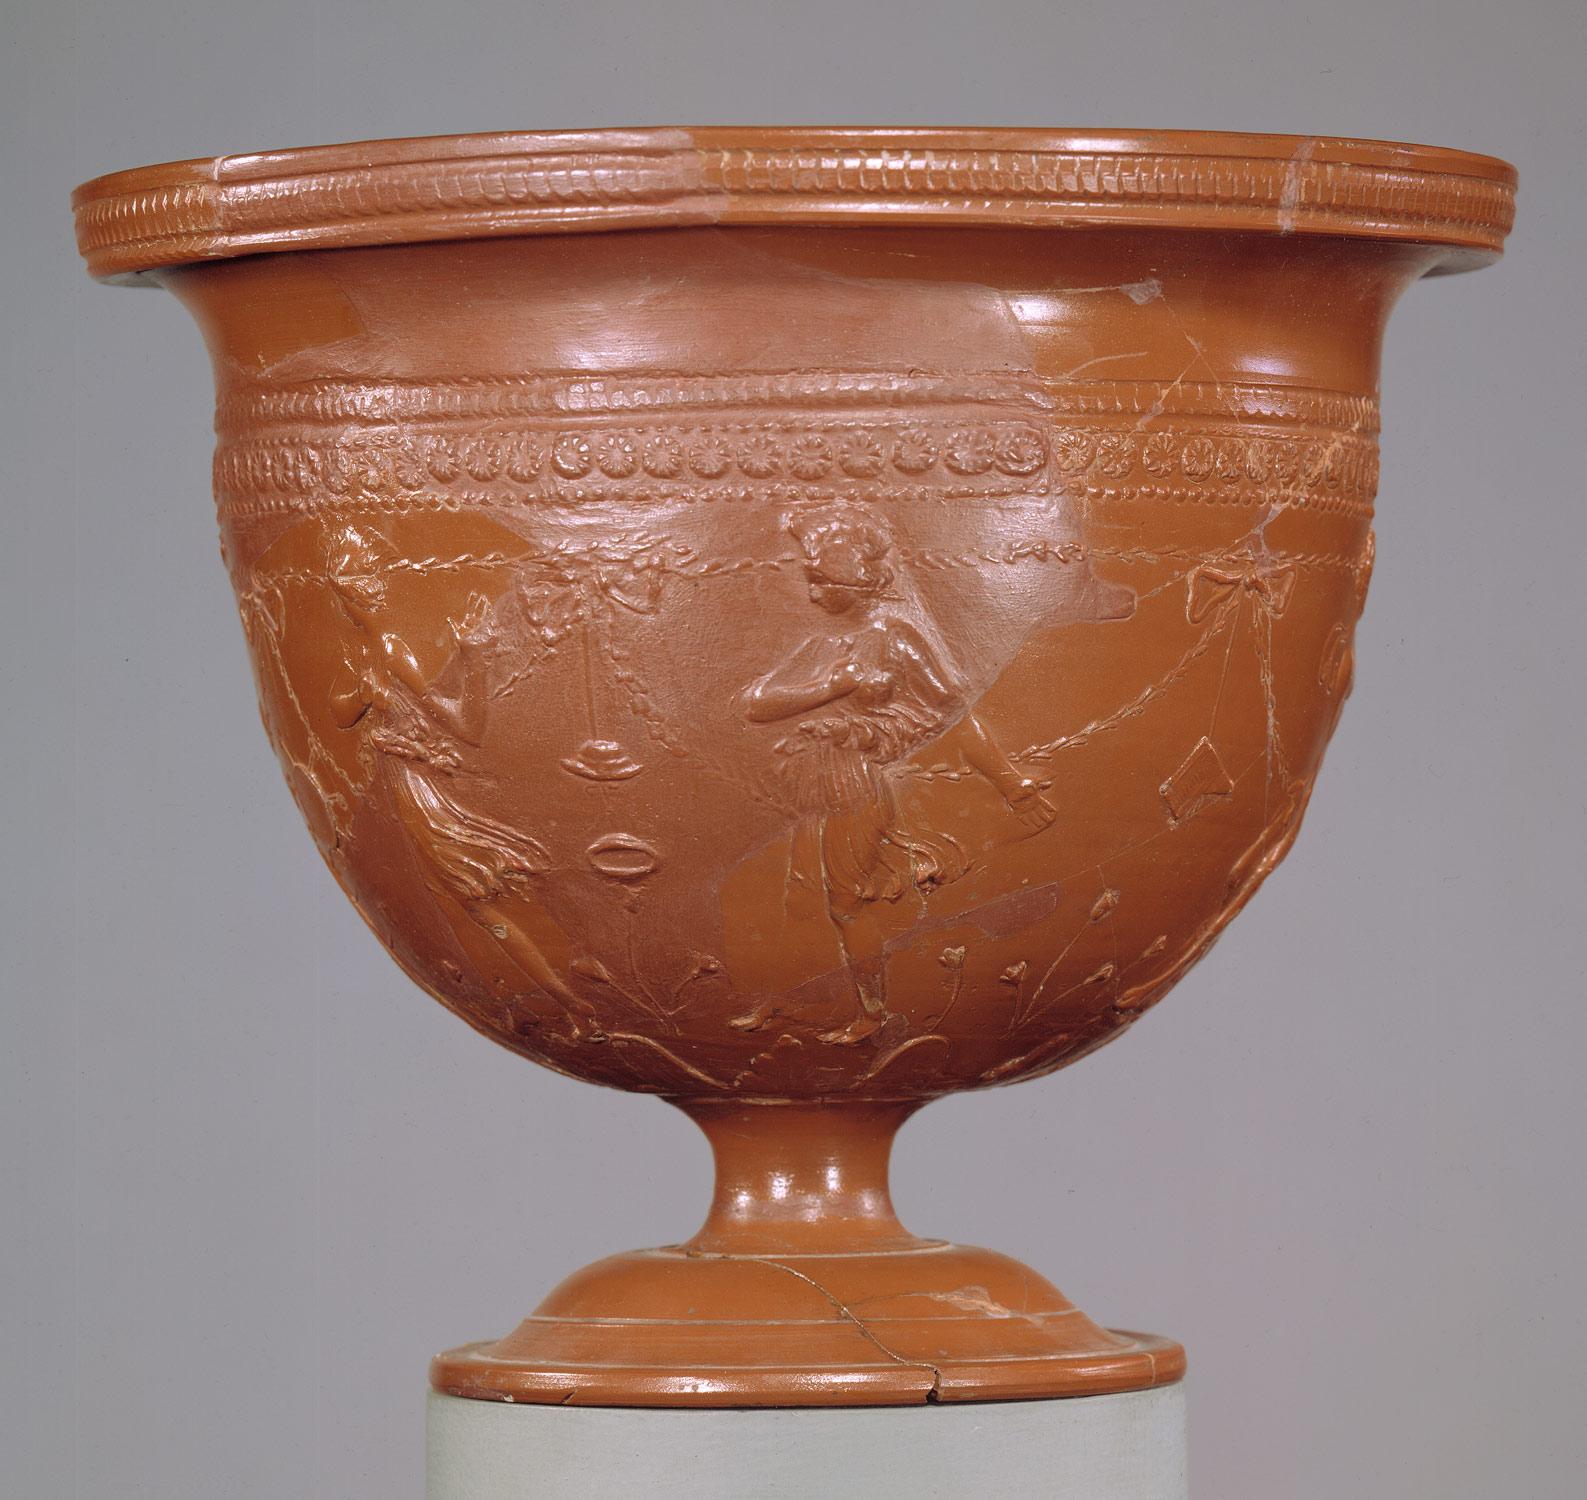 Terracotta Bowl Work Of Art Heilbrunn Timeline Of Art